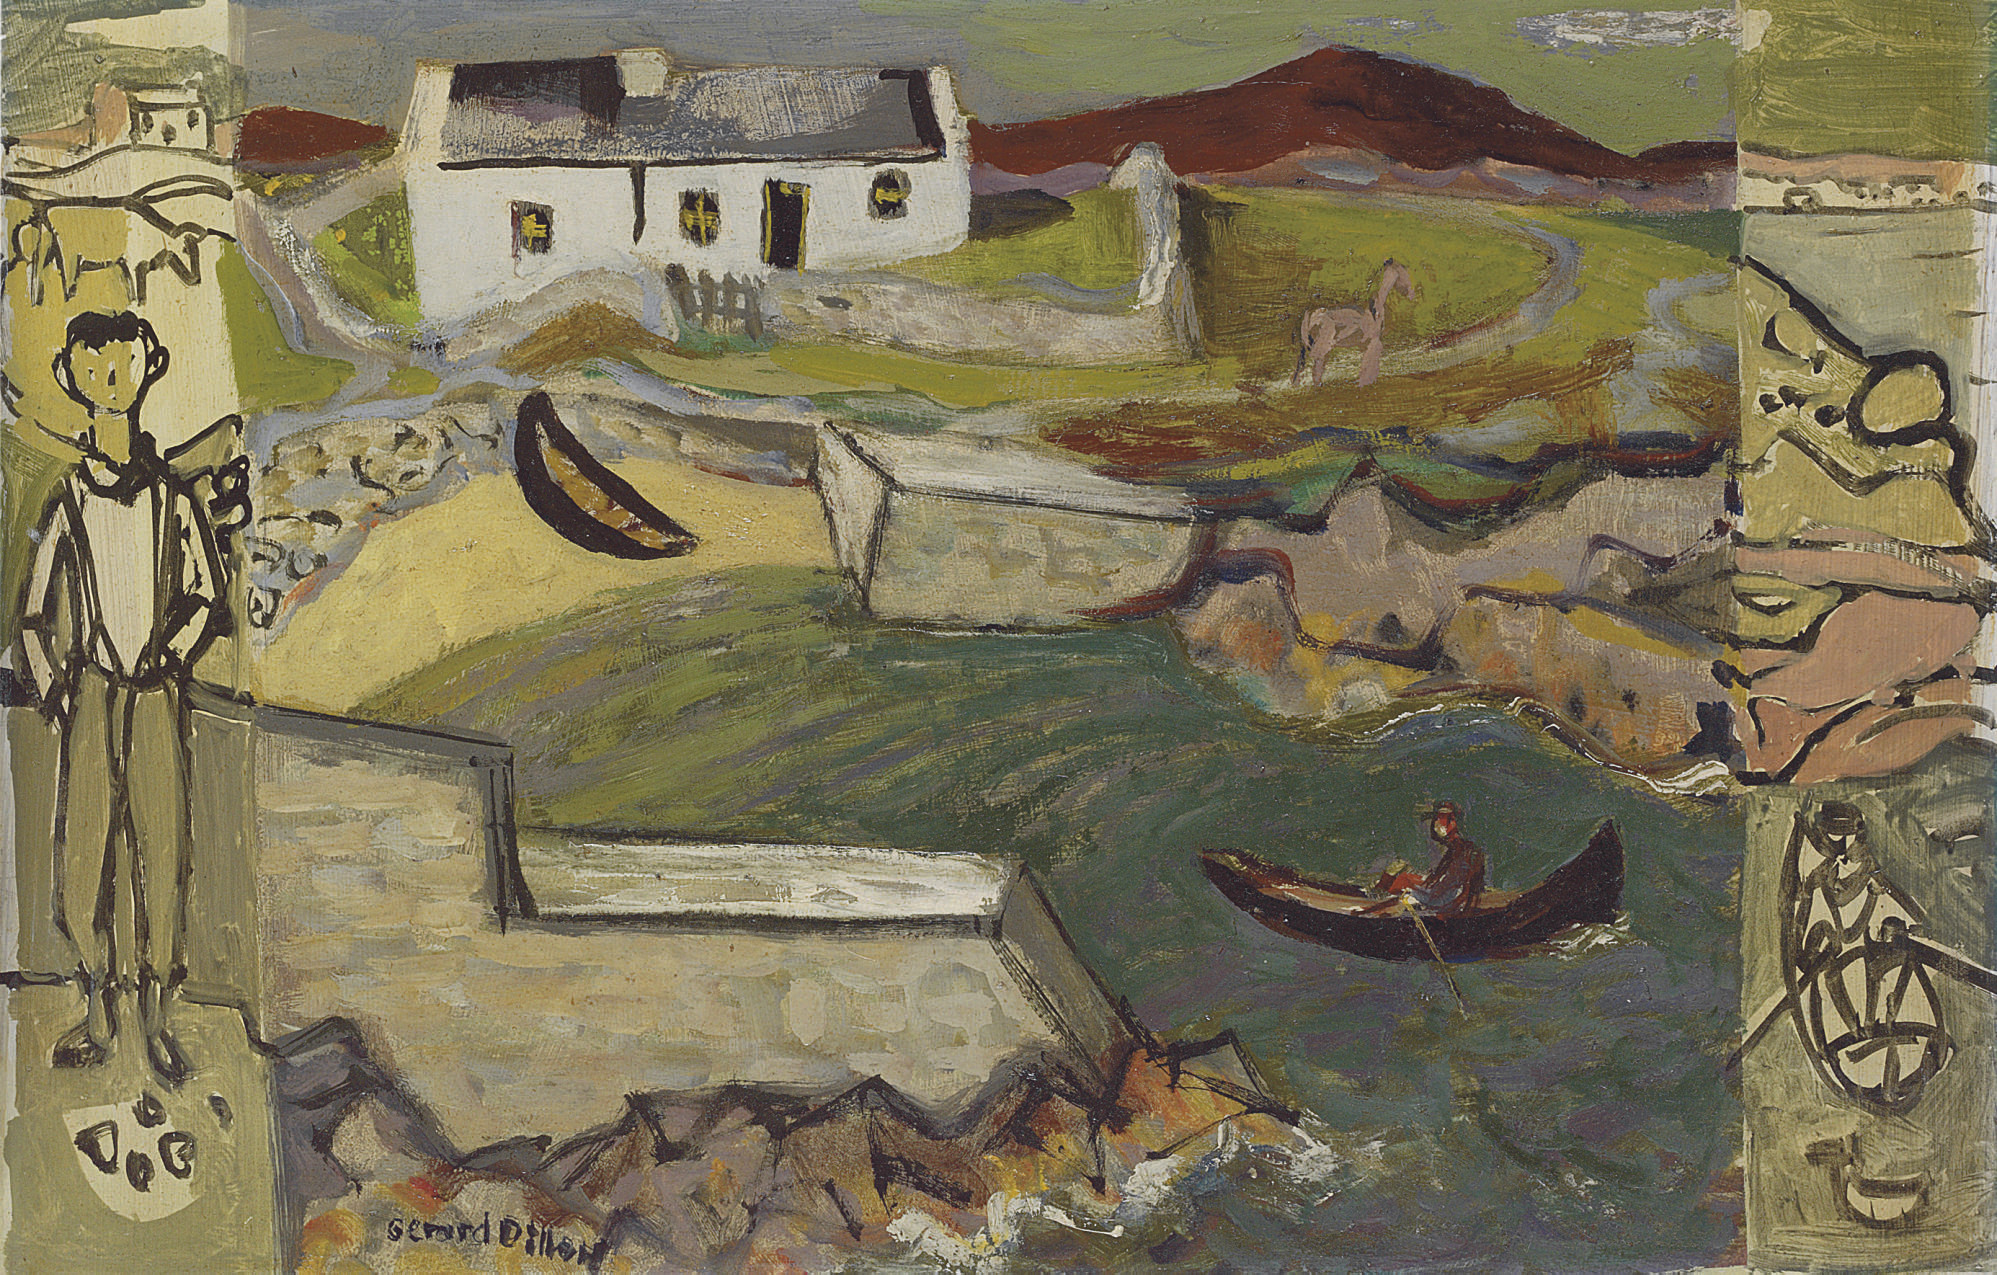 Gerard Dillon (1916-1971)